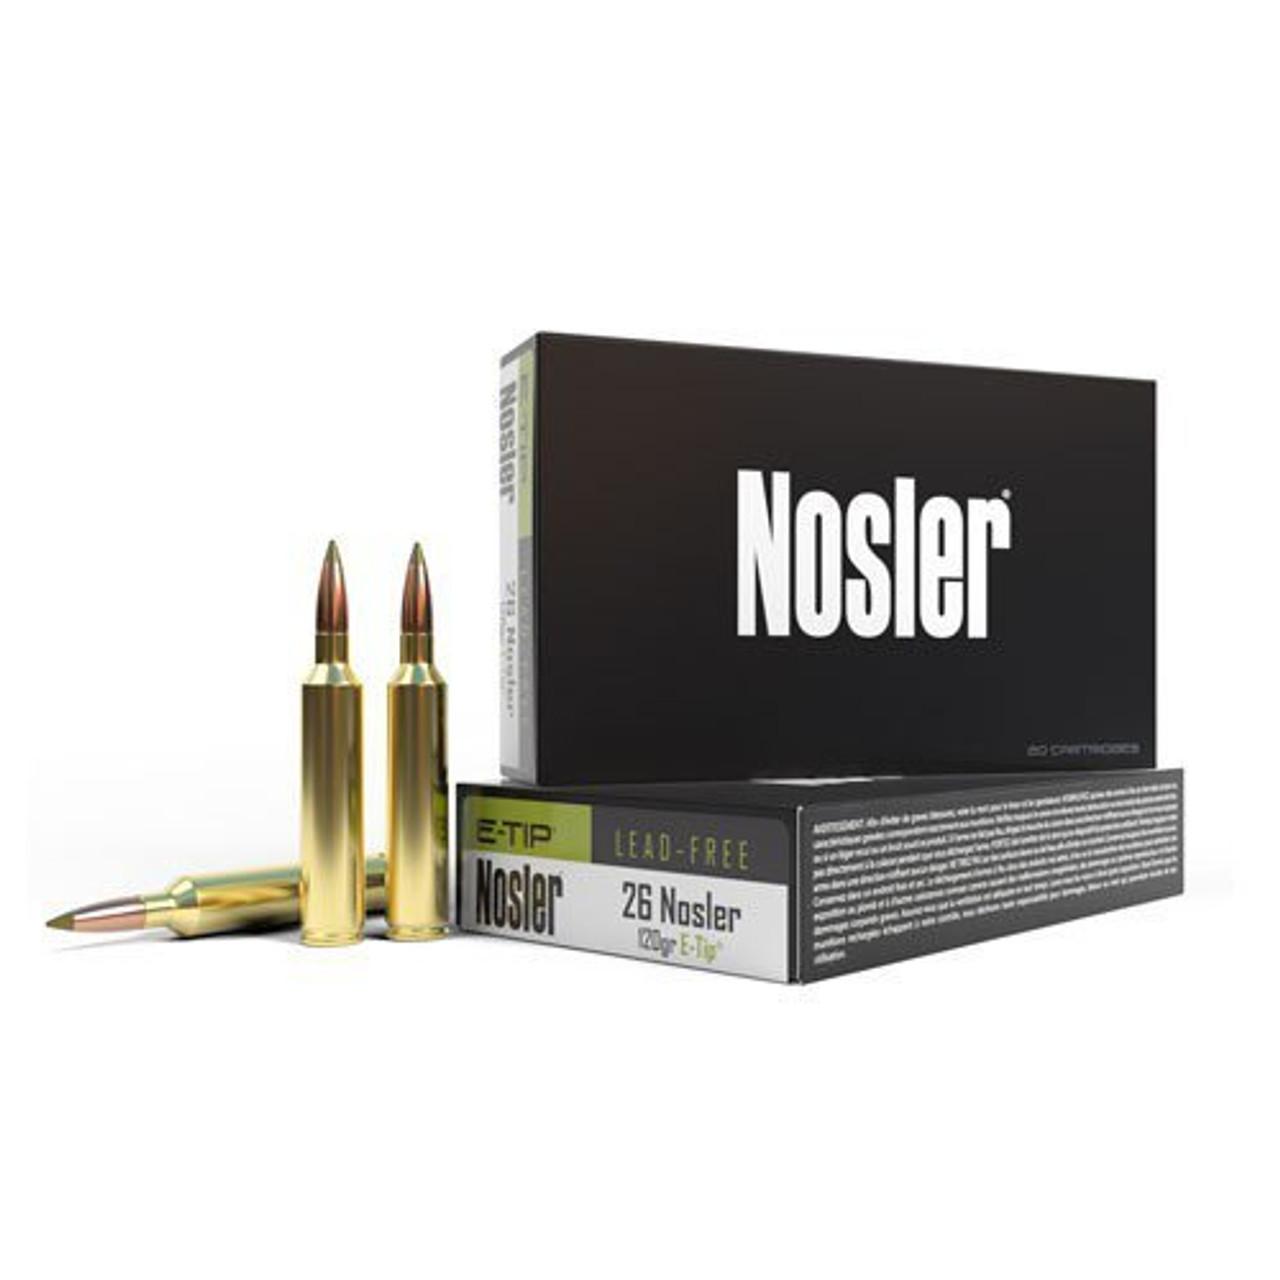 26 Nosler Ammo